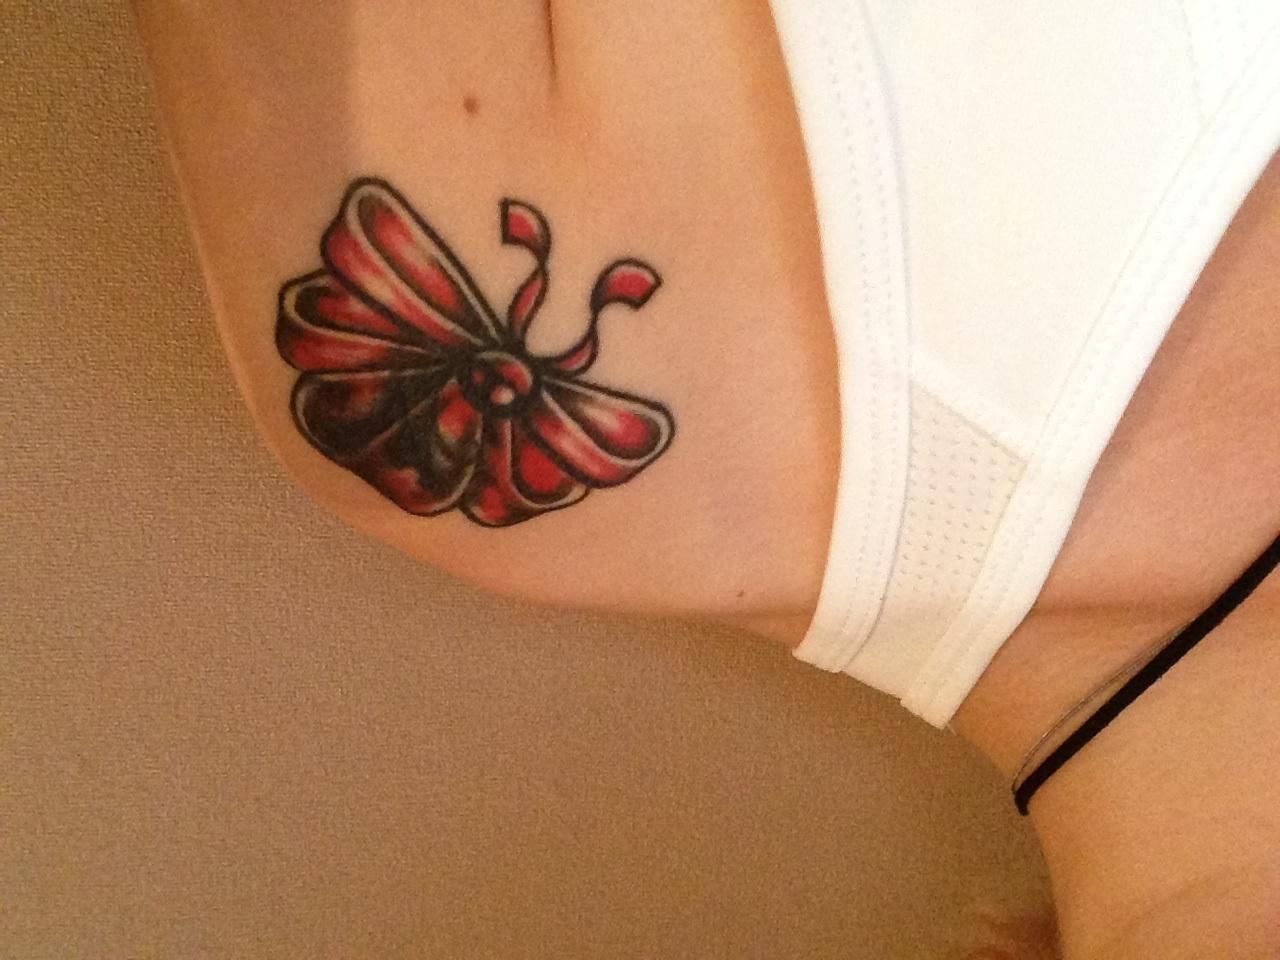 Meine vermurkste Schleife   Tattoo-Bewertung.de